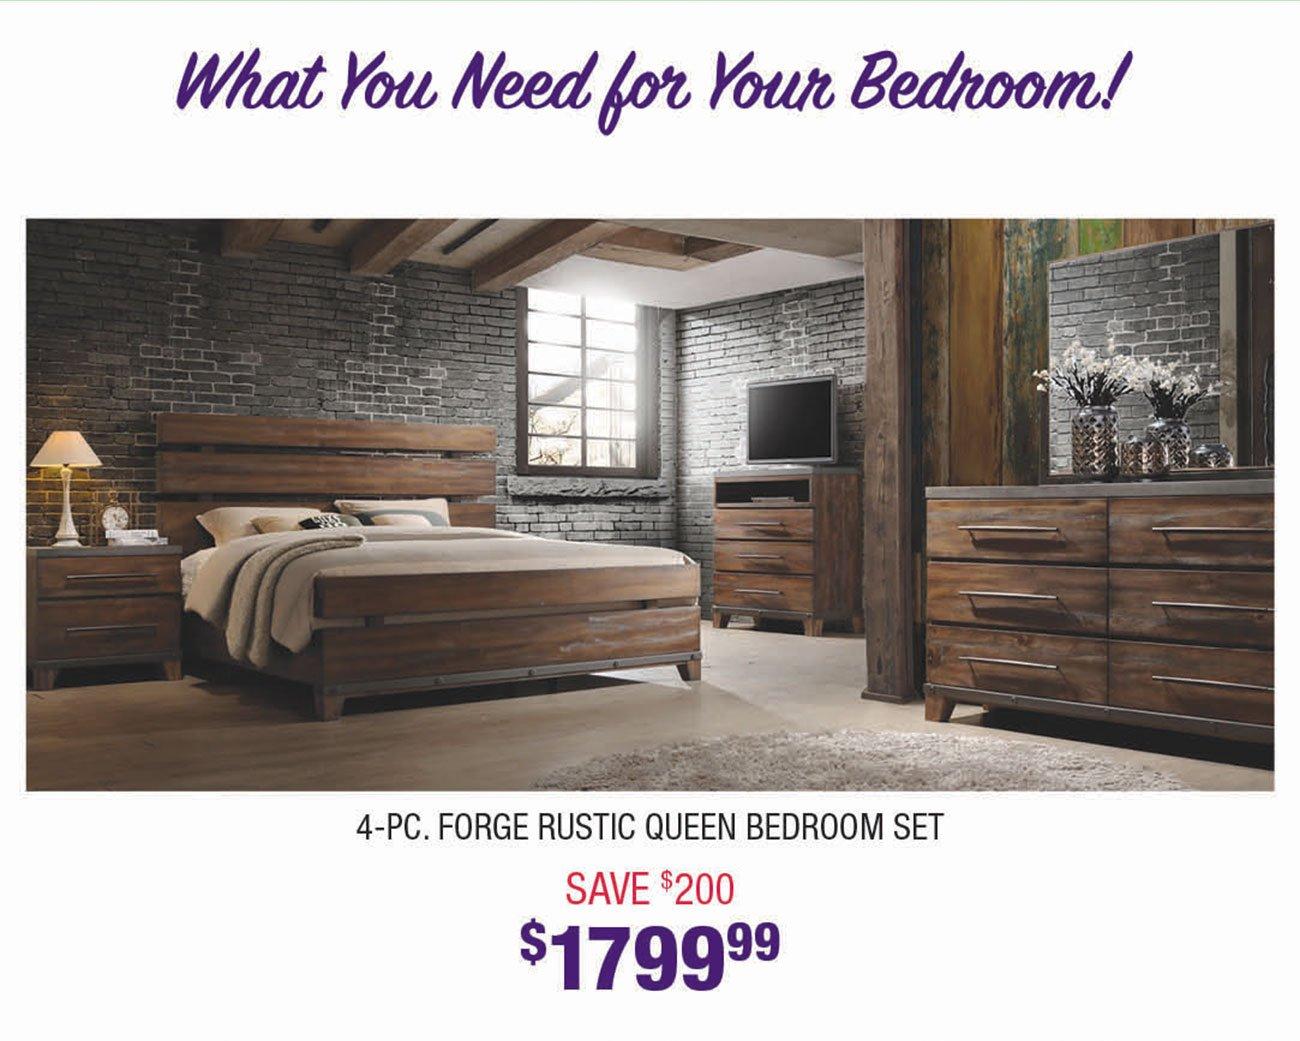 Forge-Rustic-Queen-Bedroom-Set